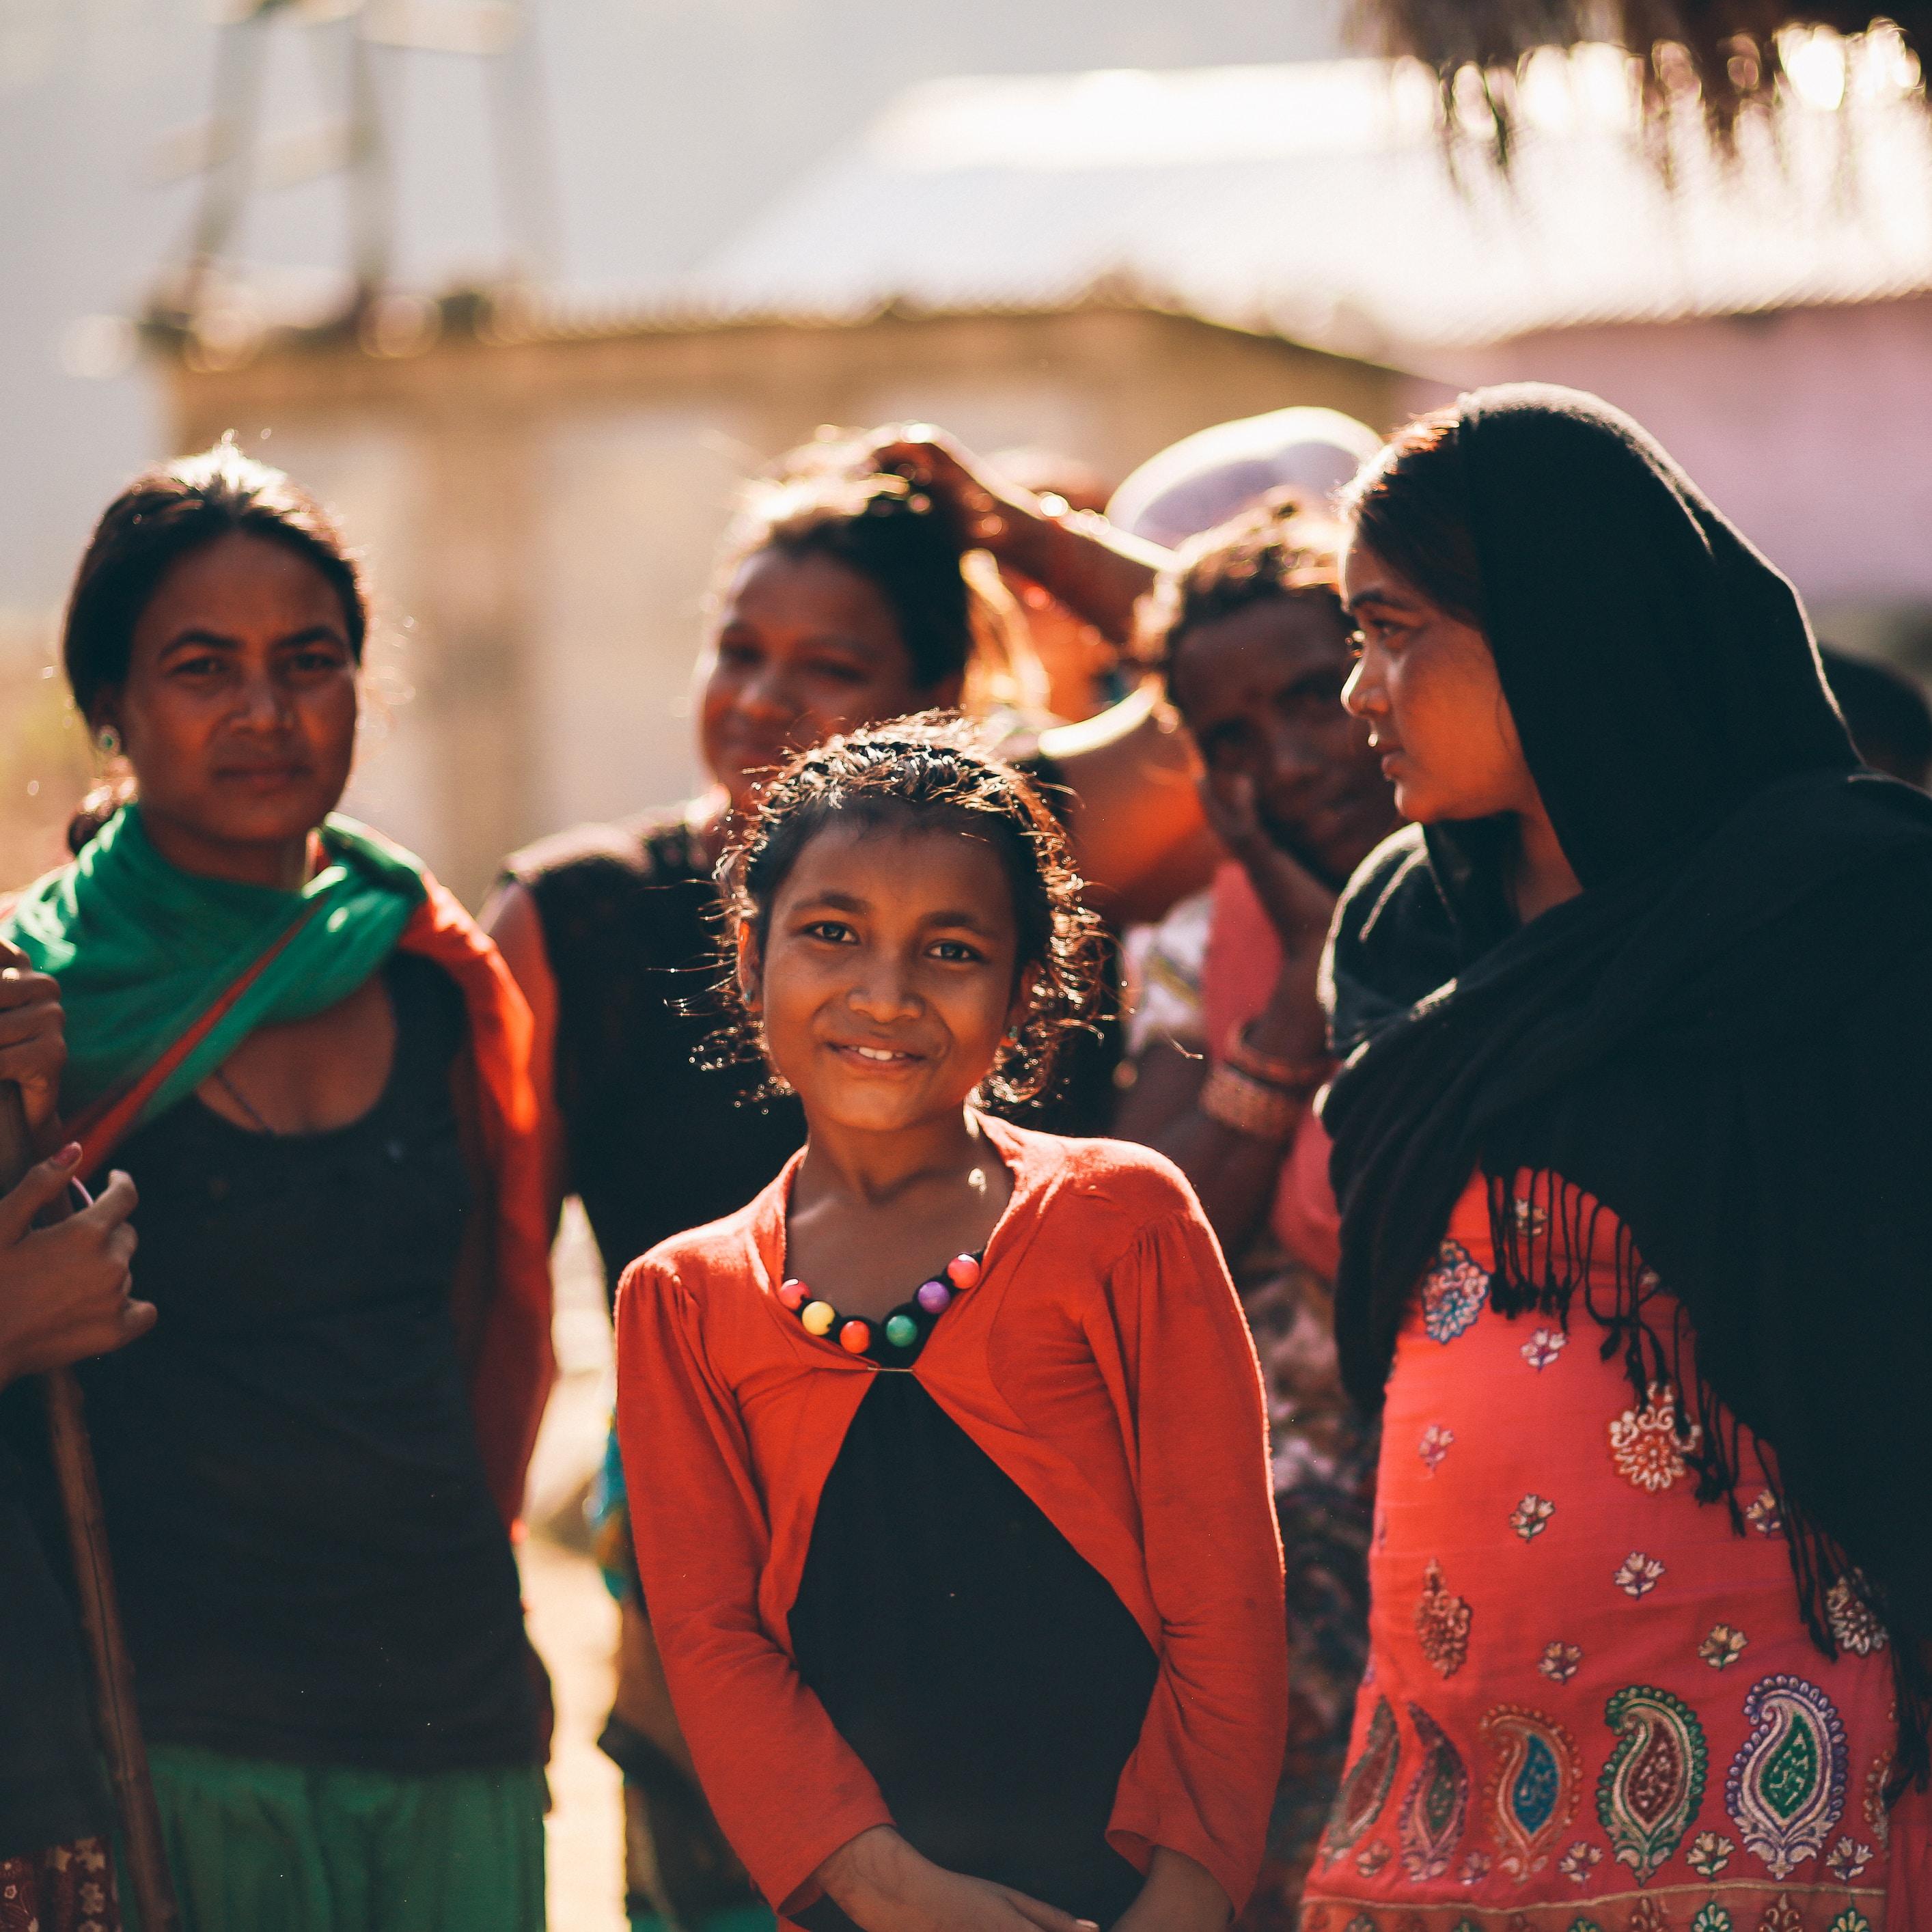 girl standing between group of women